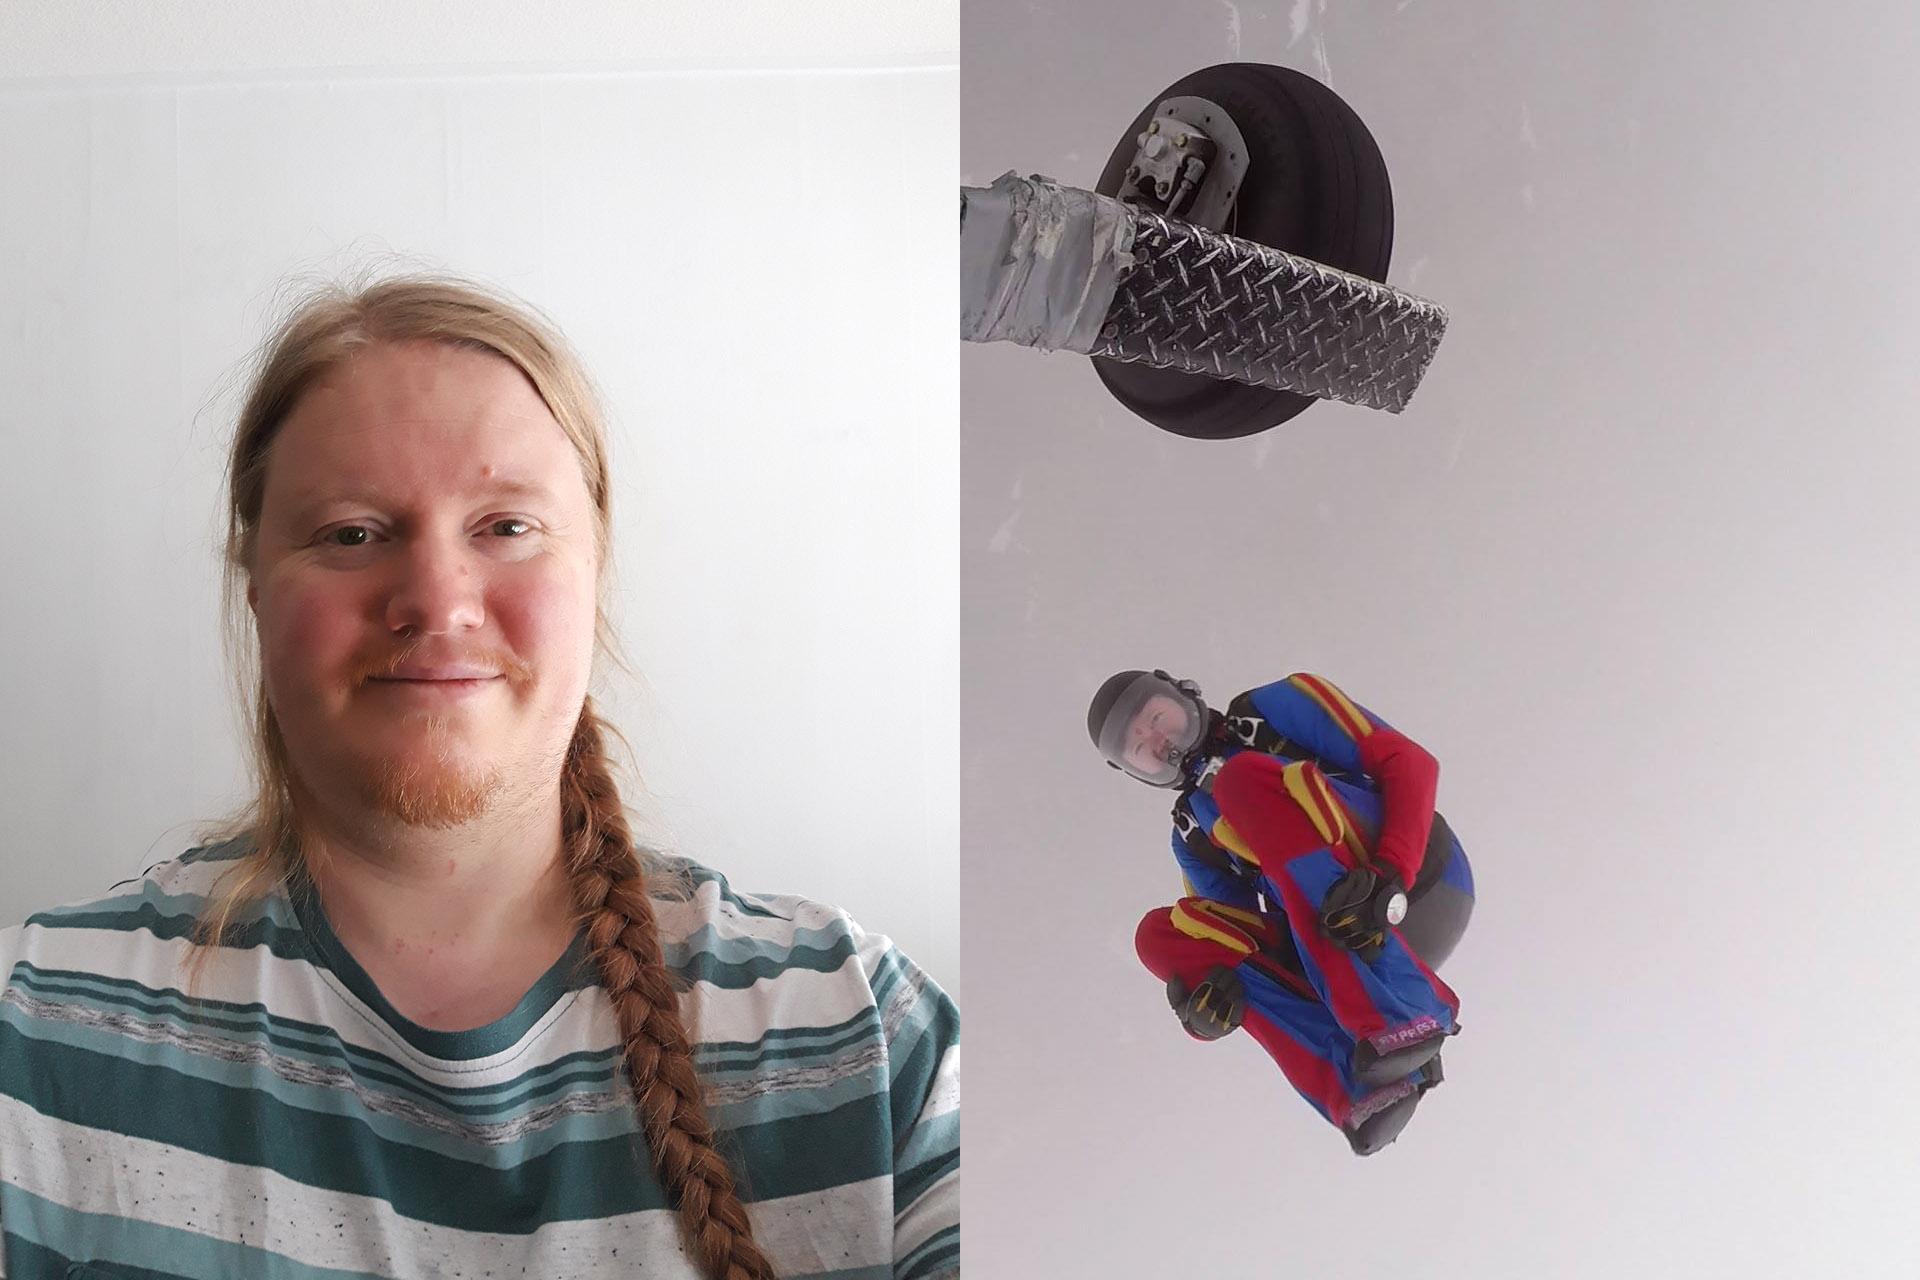 Åke Malmgren brukar ofta drömma att han kan flyga. Att hoppa fallskärm är det närmaste han kommer känslan i drömmarna. Nu har han över 1000 hopp i bagaget och har inga som helst planer på att sluta. Foto: Hoppkompis & Privat